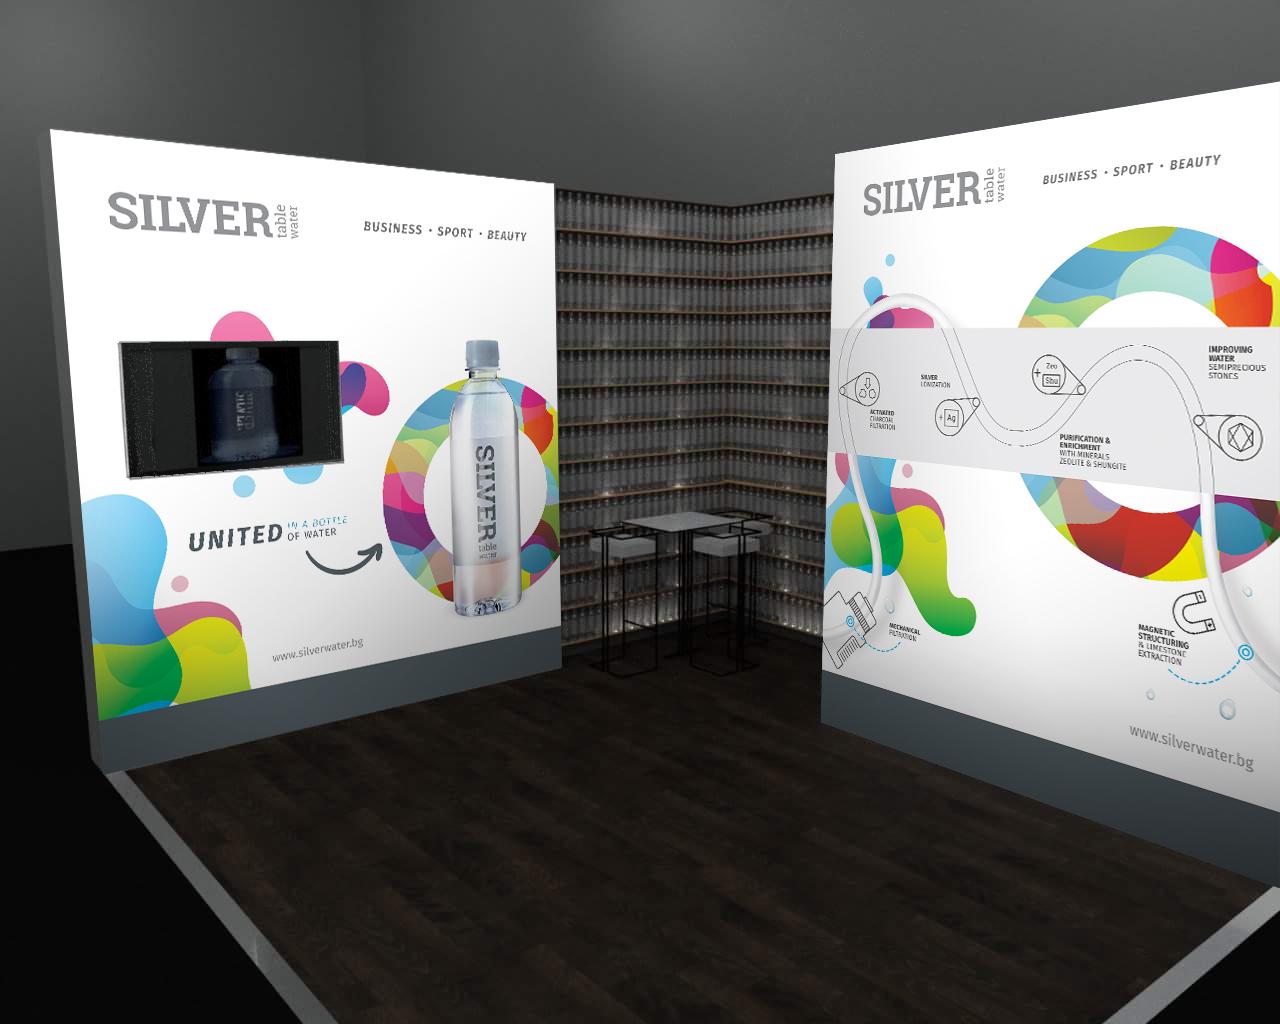 Silver-biofach-stand-design